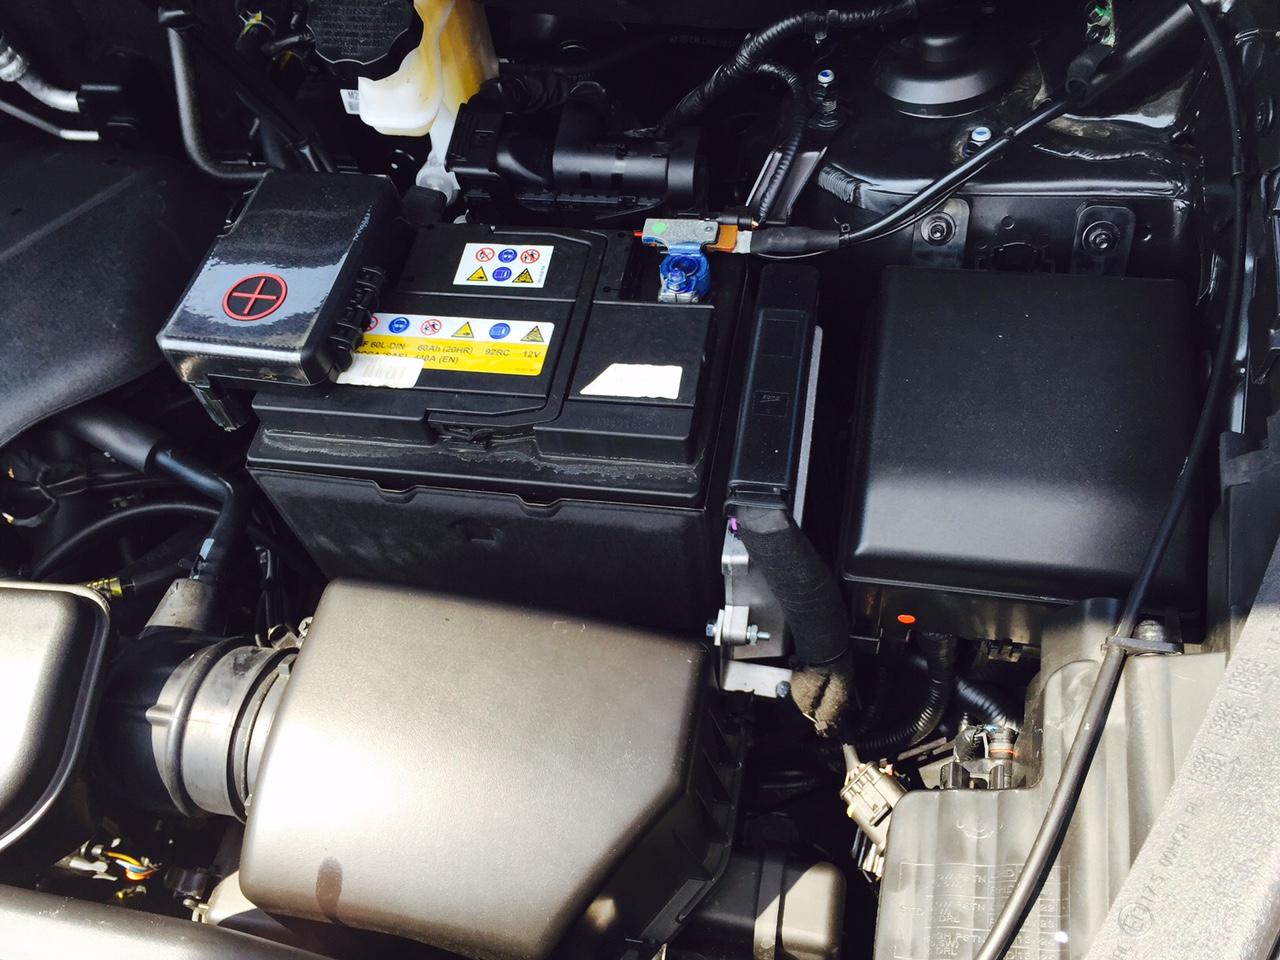 frontgas-autogas-umbau-lpg-hyundai-ix35-16-direkteinspritzer-verkaufsbild-autogasumruesstung-3